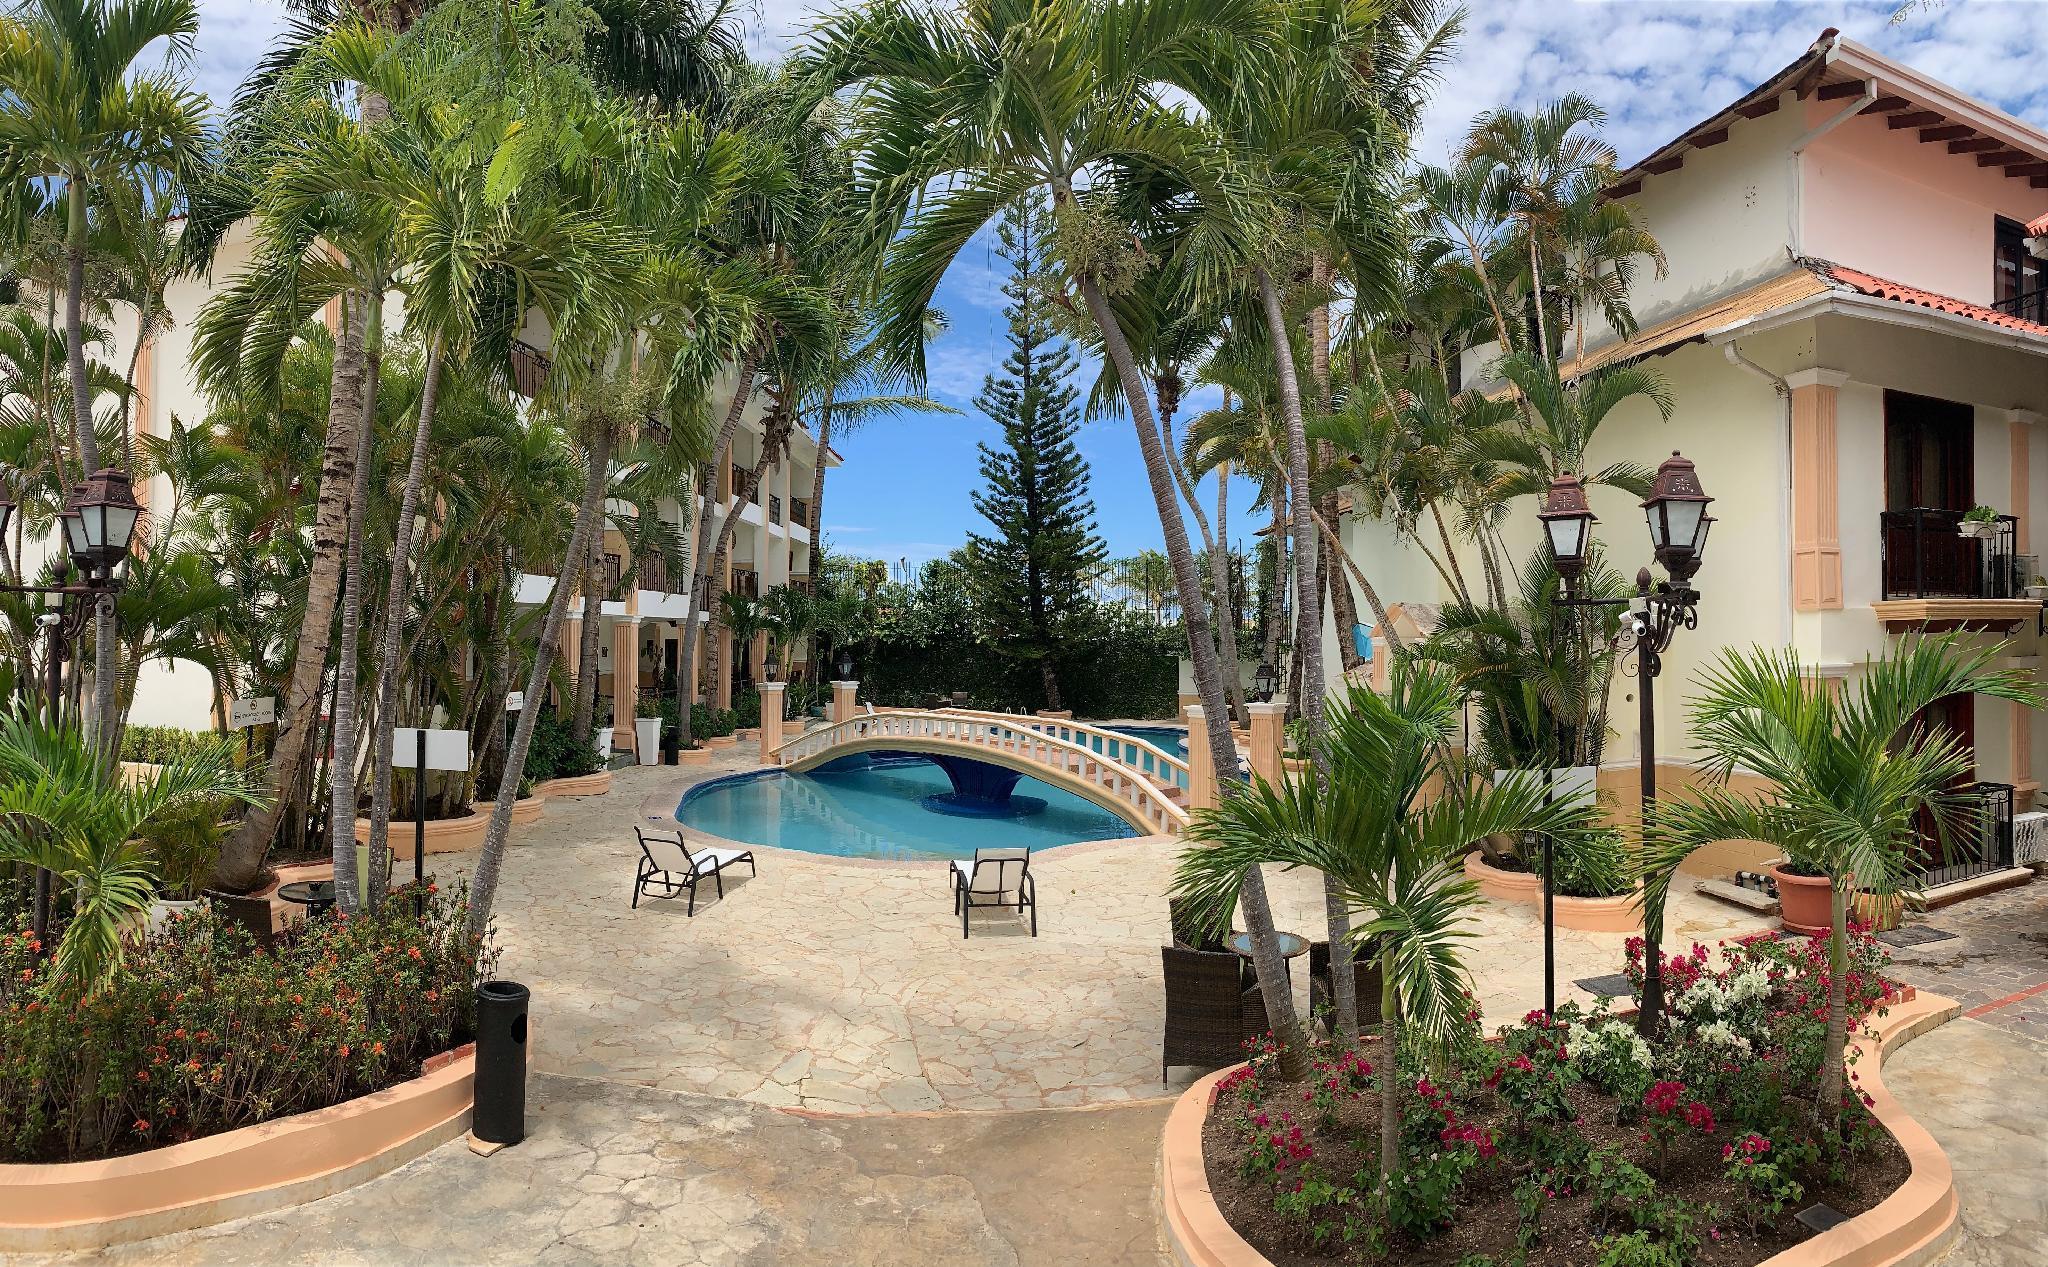 The MT Hotel Plaza Brisas